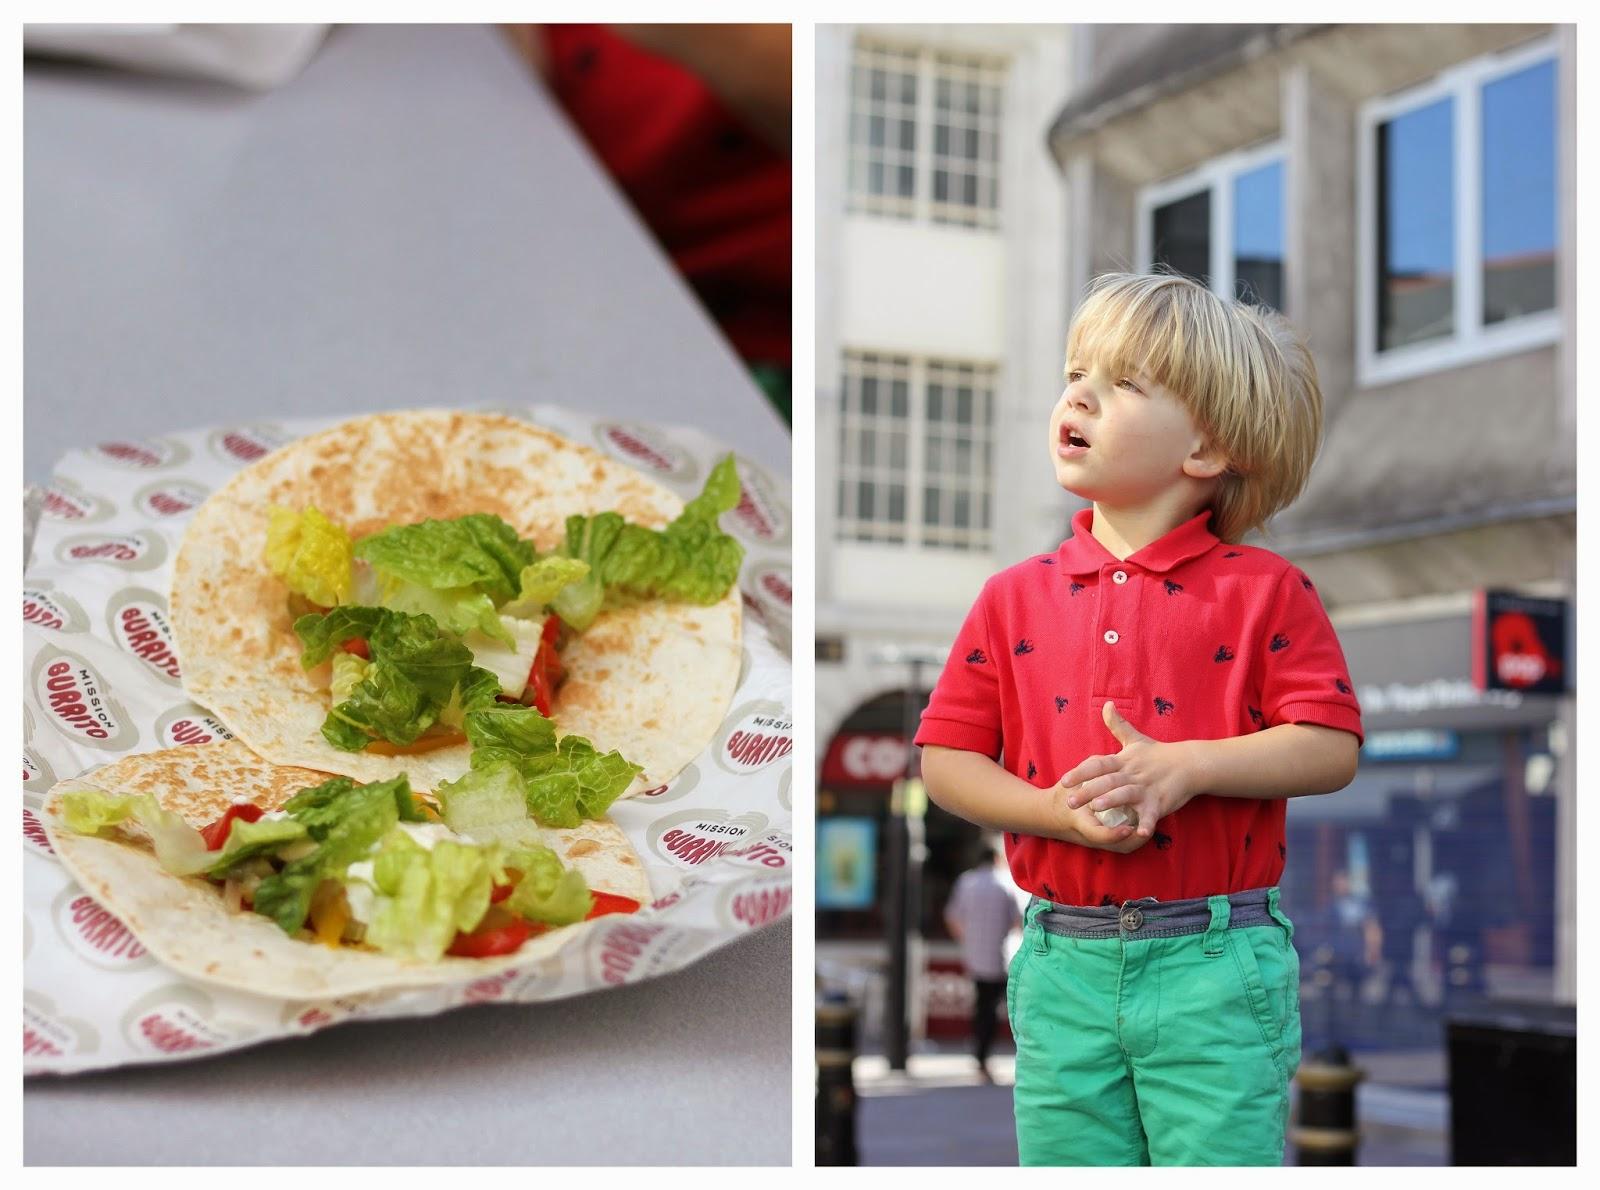 mission burrito tacos